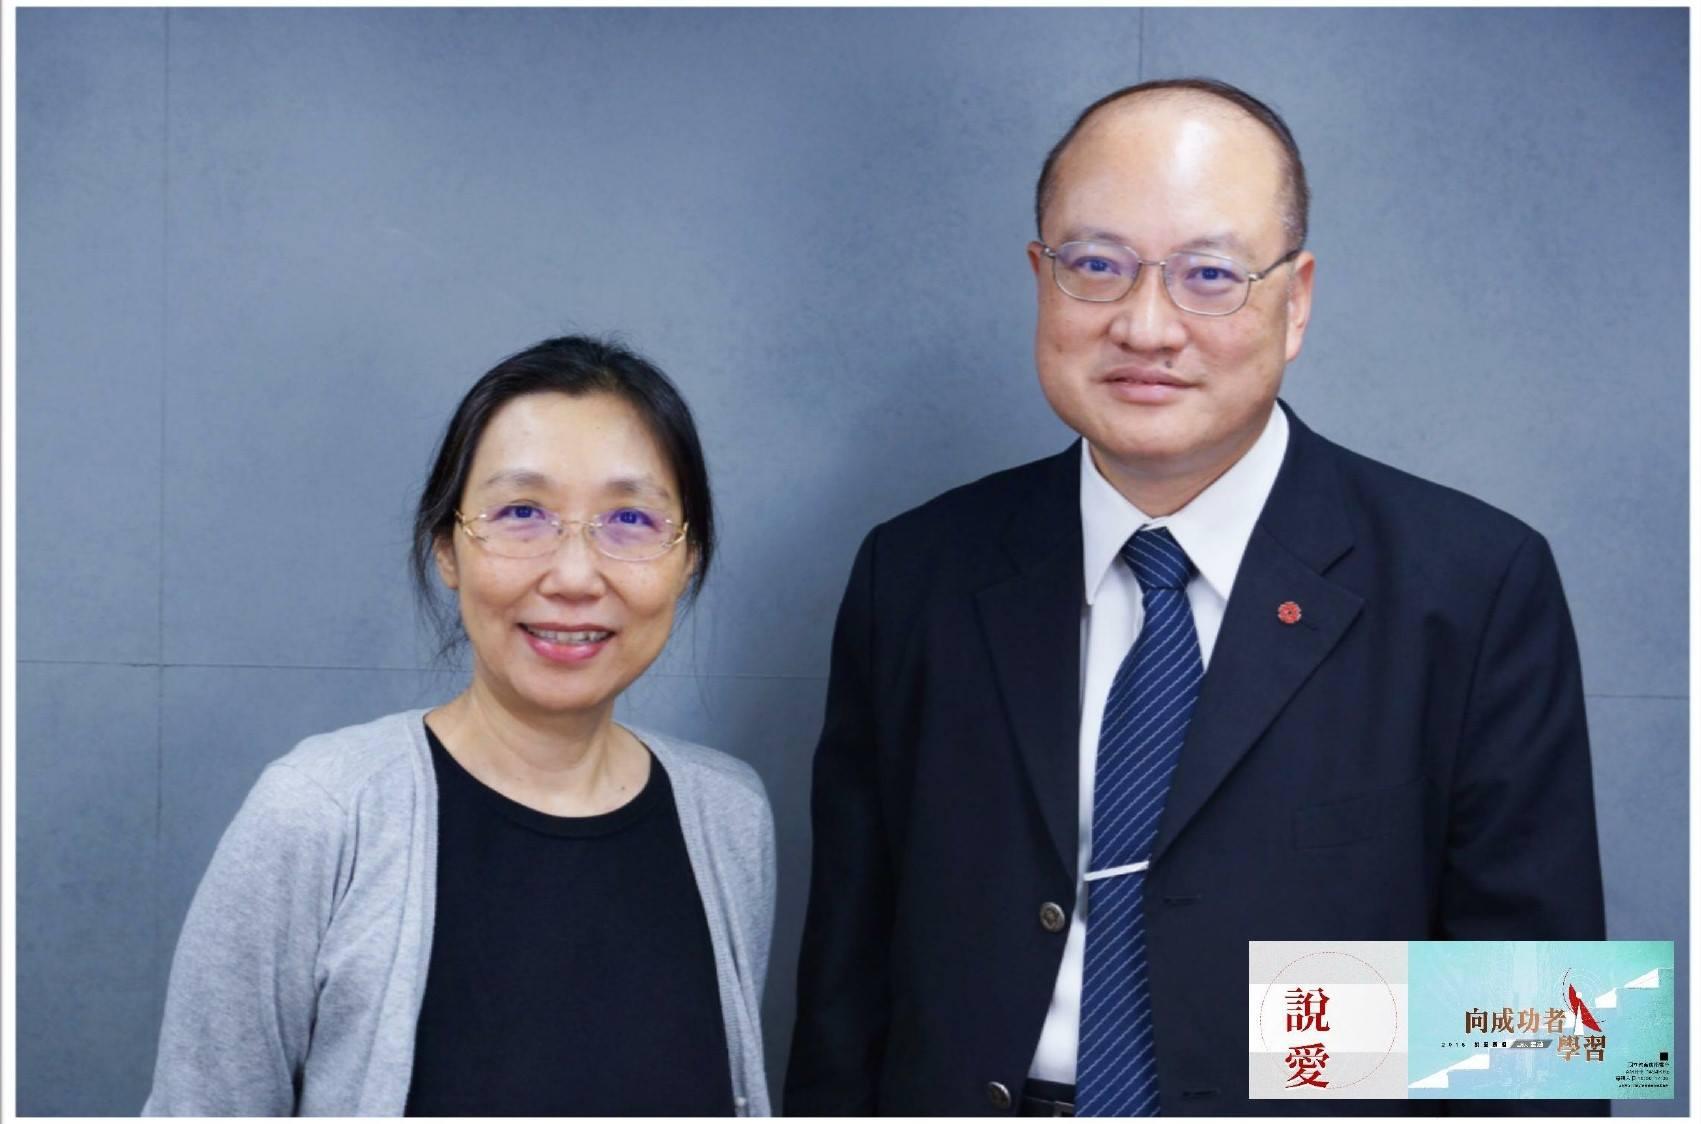 劉瑞隆總經理 專訪